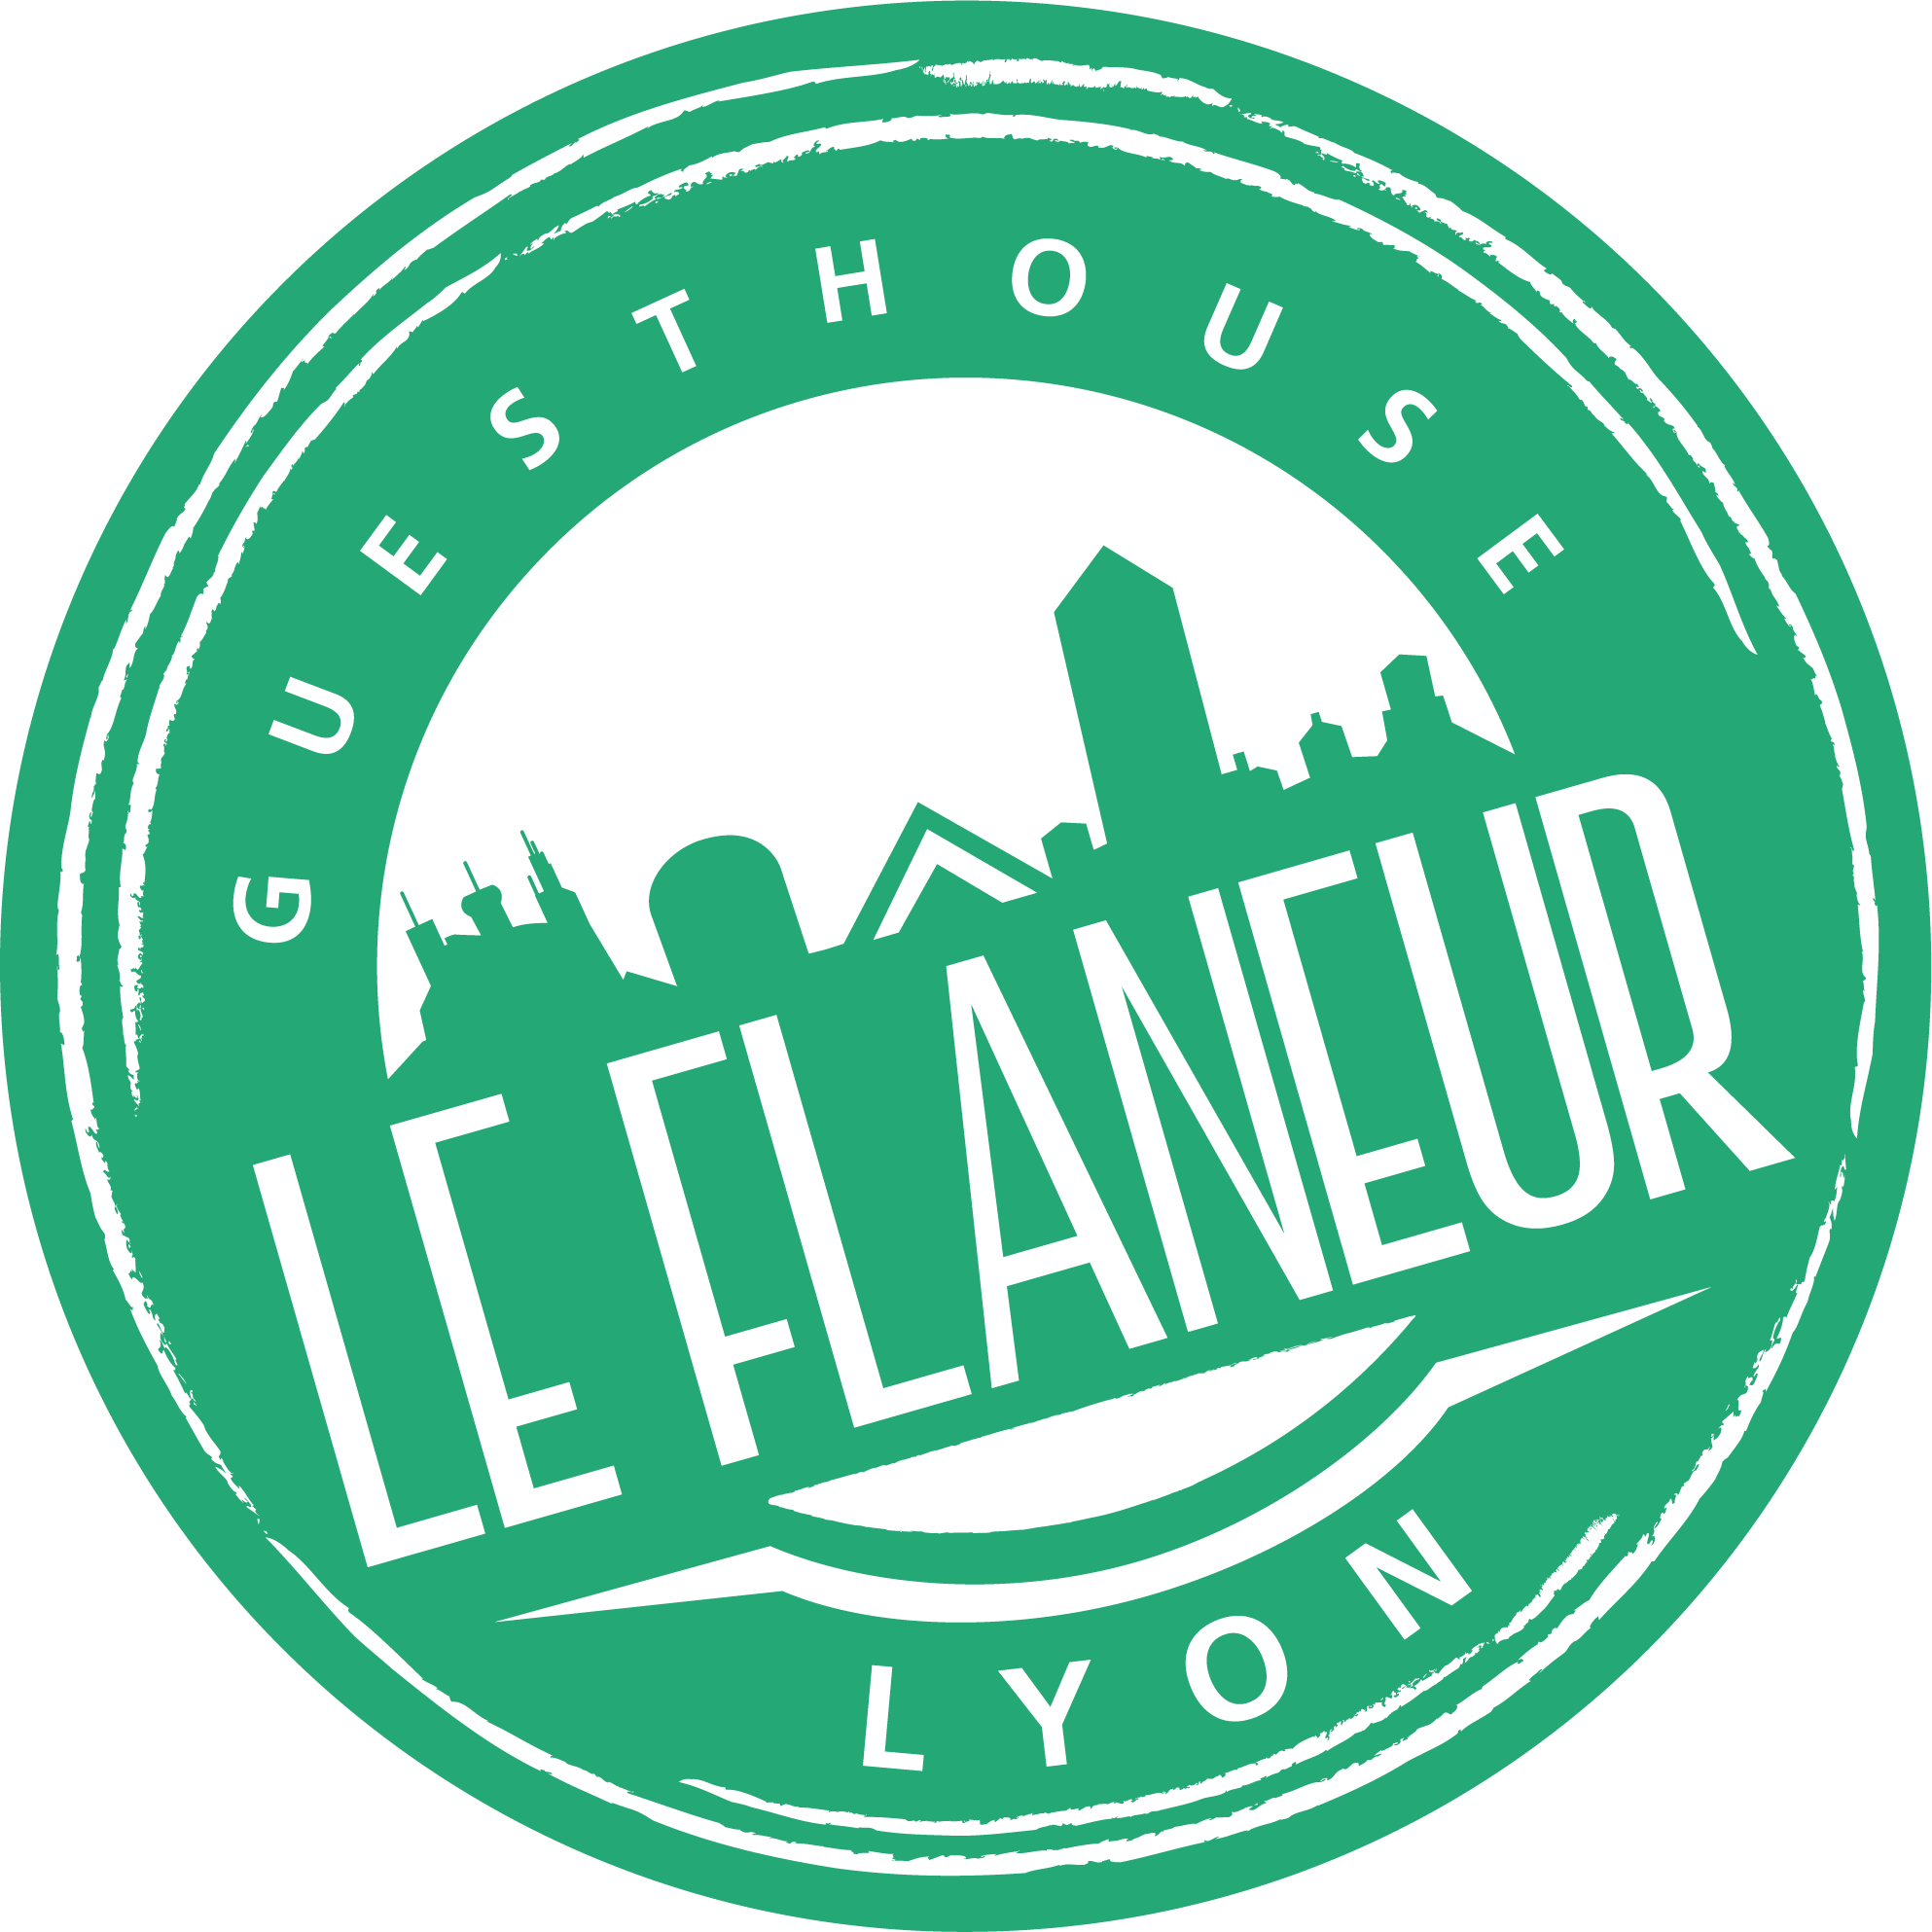 Le Flâneur - Guesthouse - Lyon - partenaire d'en aparthé